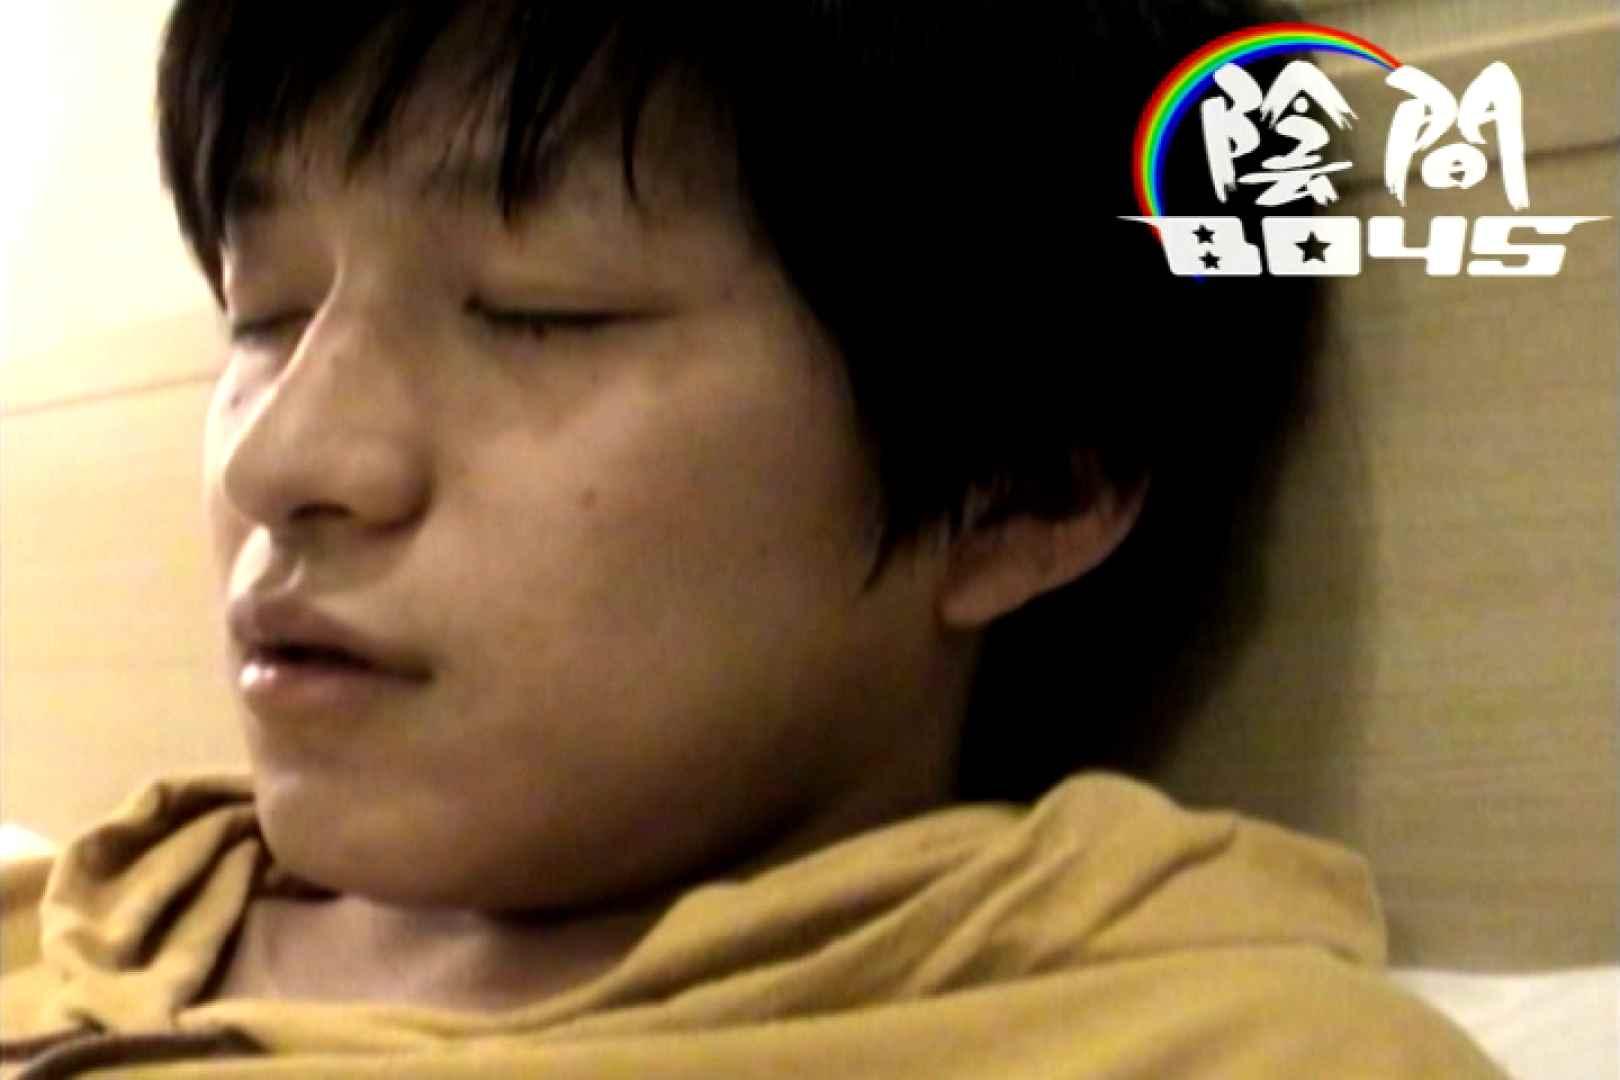 陰間BOYS~My holiday~02 ゲイのオナニー映像   シコシコ  85枚 43